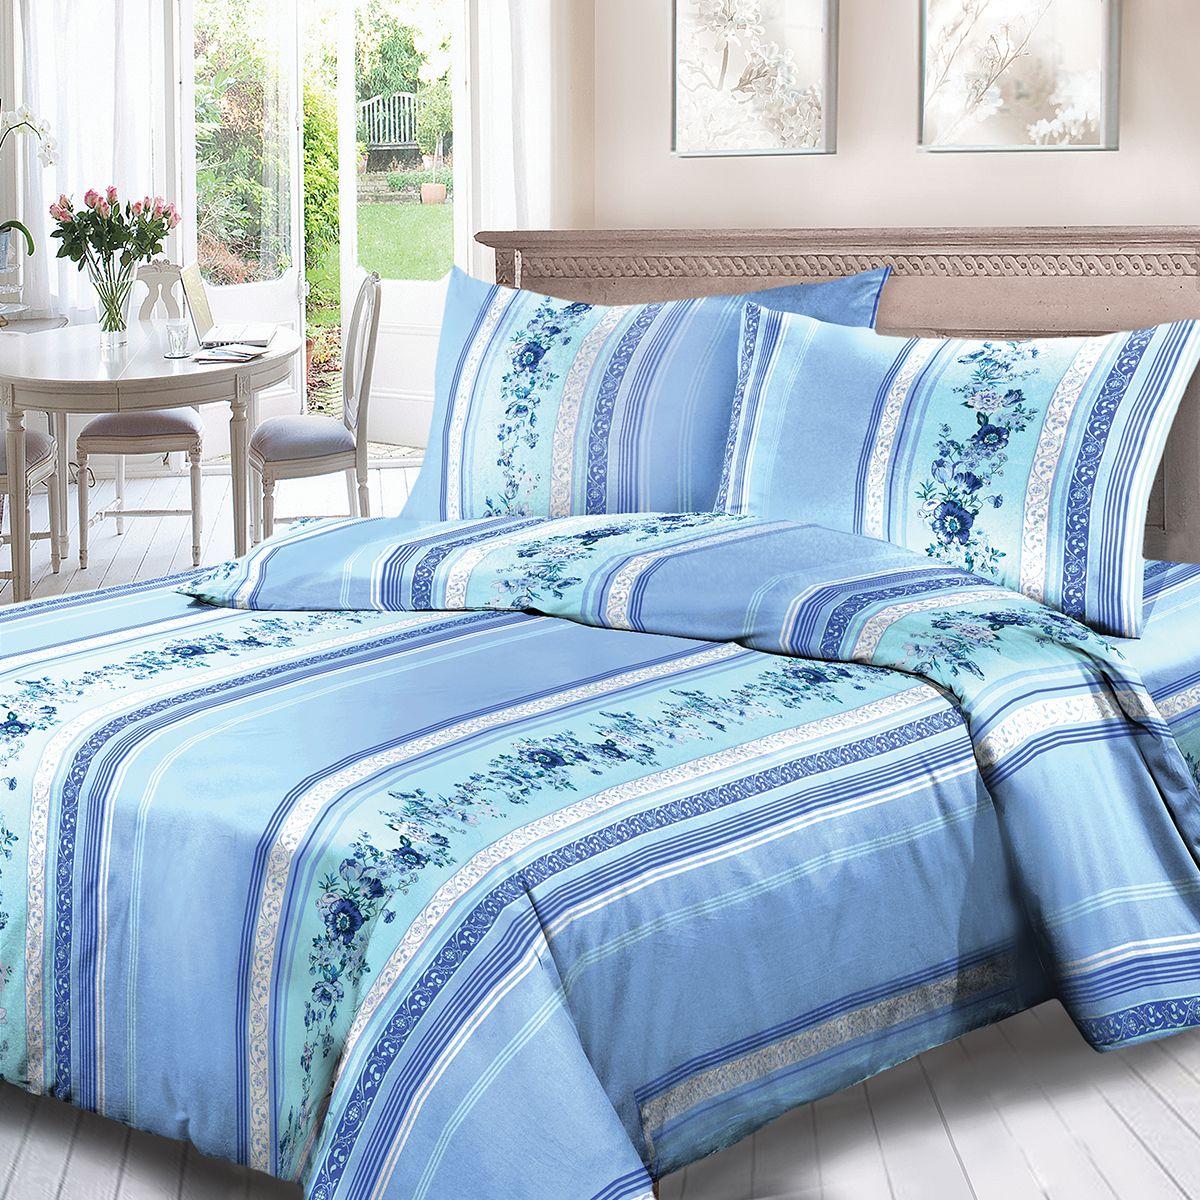 Комплект белья Для Снов Анабэль, 1,5-спальное, наволочки 70x70, цвет: голубой84451Постельное белье из высококачественного поплина ( Ткань Традиция) , в составе которого находится только 100% мерсеризованный хлопок - это идеальный выбор современной женщины. Мерсеризация подчеркивает лучшие свойства хлопка:- Ткань прочнее обычной, при этом мягкая и шелковистая;- Цвета яркие и устойчивые;- Высокая гигроскопичность;- Меньше мнется, не линяет и не садится при многократных стирках;При производстве используются только безопасные красители ведущего швейцарского производителя BEZEMAКоллекция отличается тщательно проработанными современными дизайнами, разделенными на тематические группы. Созданные талантливыми европейскими и российскими художниками, они поражают своей нежной красотой, а восхитительная упаковка придает комплекту подарочный вид. Плотность ткани: 110 г/м.кв.